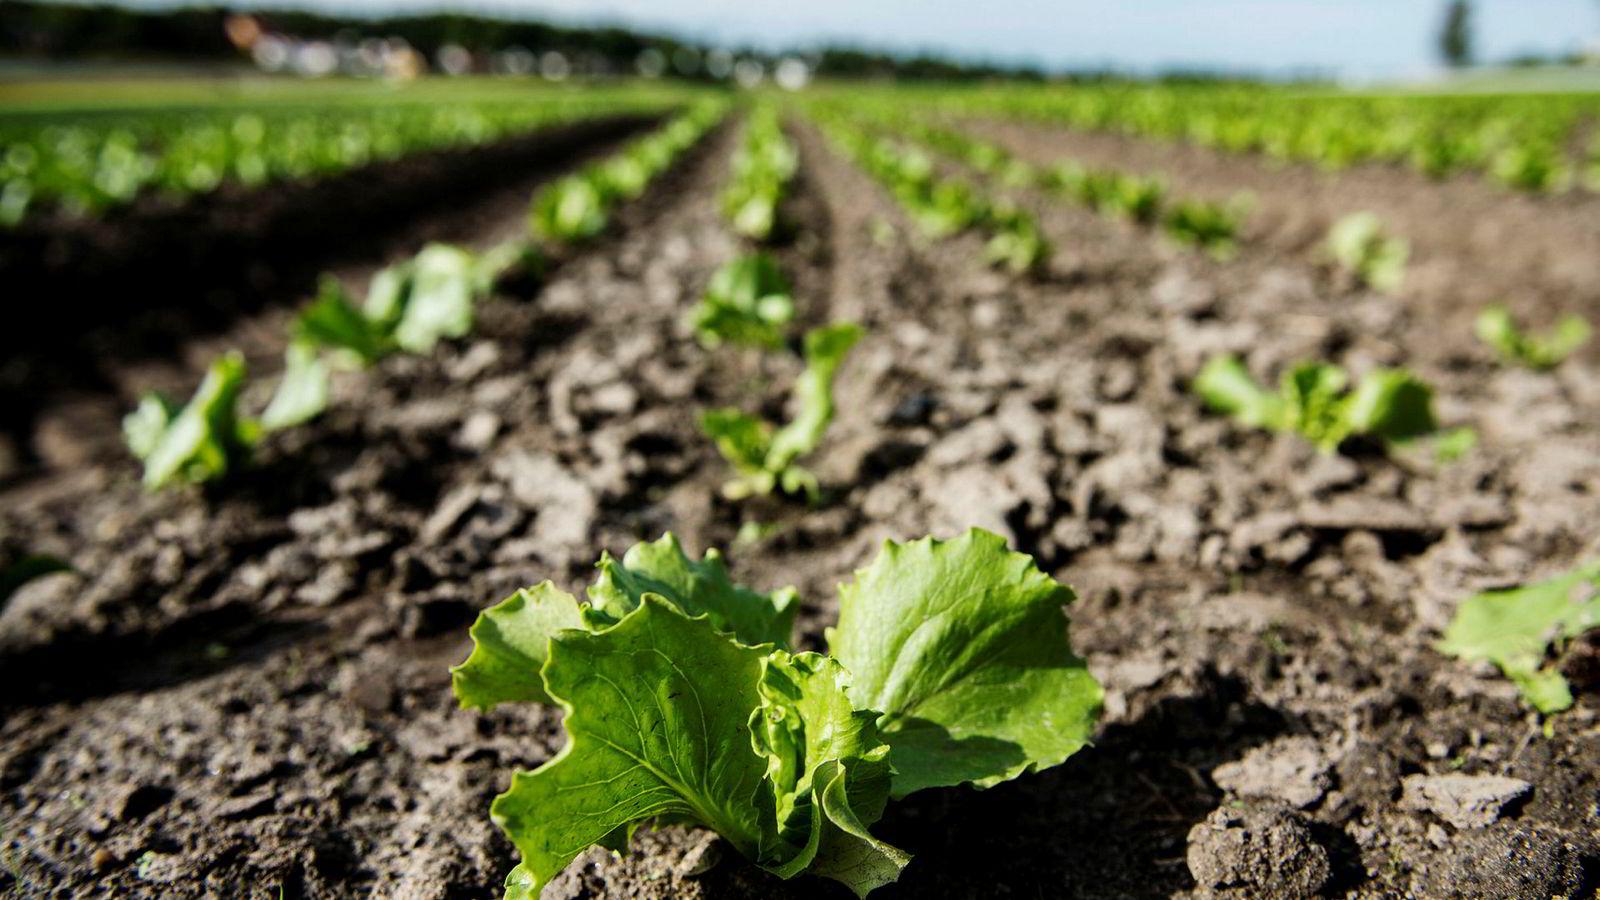 Overgangen til et mer bærekraftig landbruk må skje gradvis gjennom endringer i hele matkjeden, fra jord til bord – og tilbake til jord, skriver artikkelforfatteren.